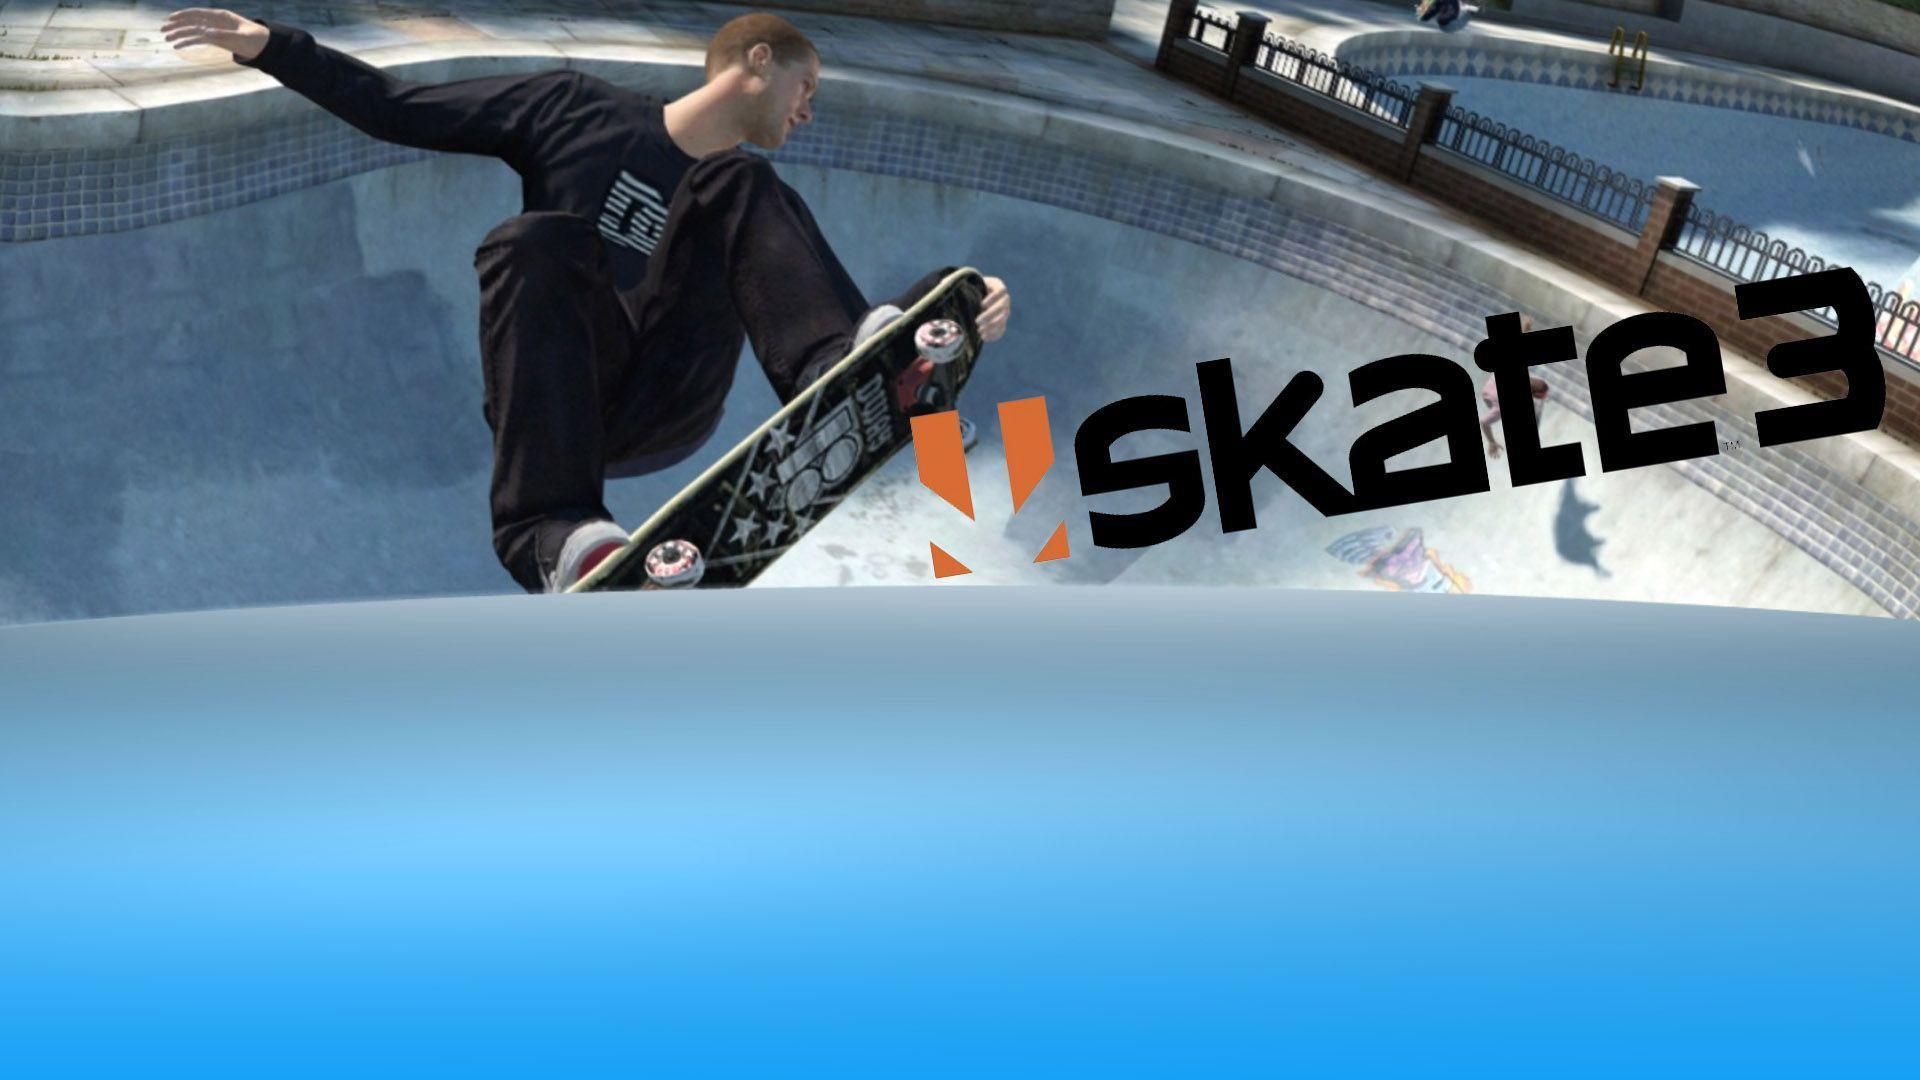 Skate 3 wallpaper - 275593